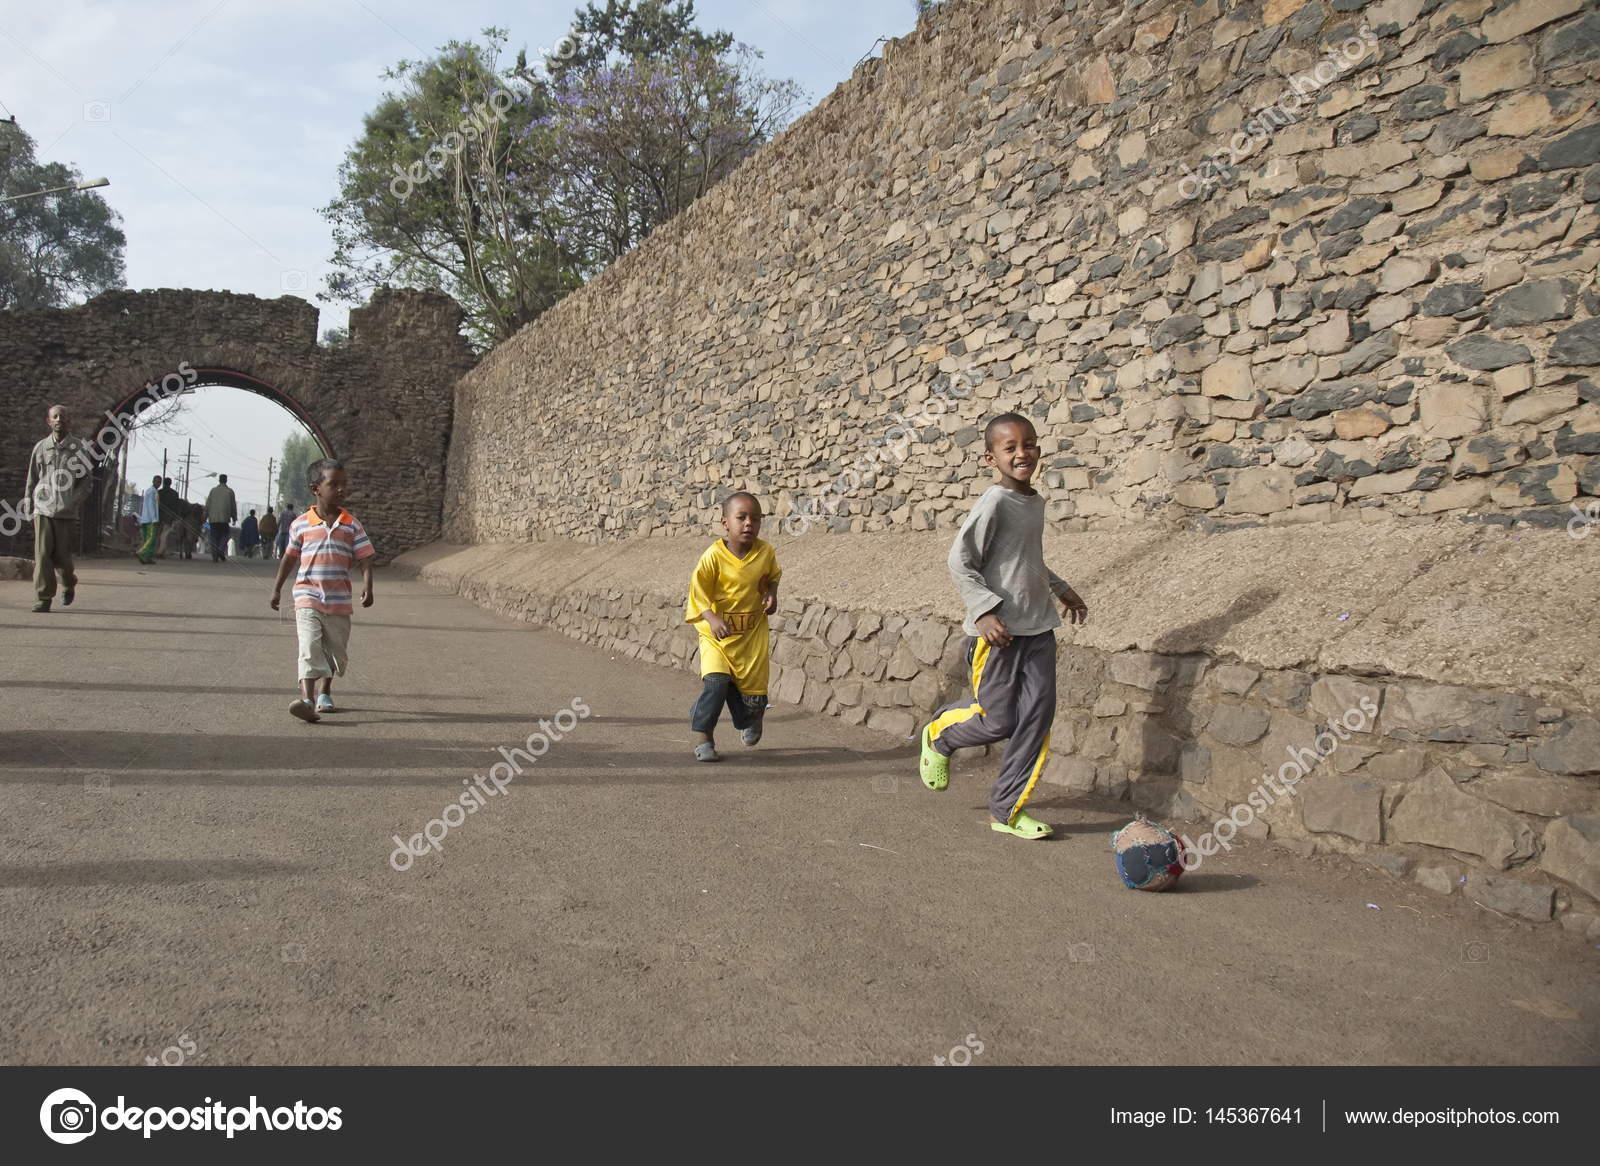 Fotos Ninos Jugando Futbol En La Calle Los Ninos Jugar Futbol En